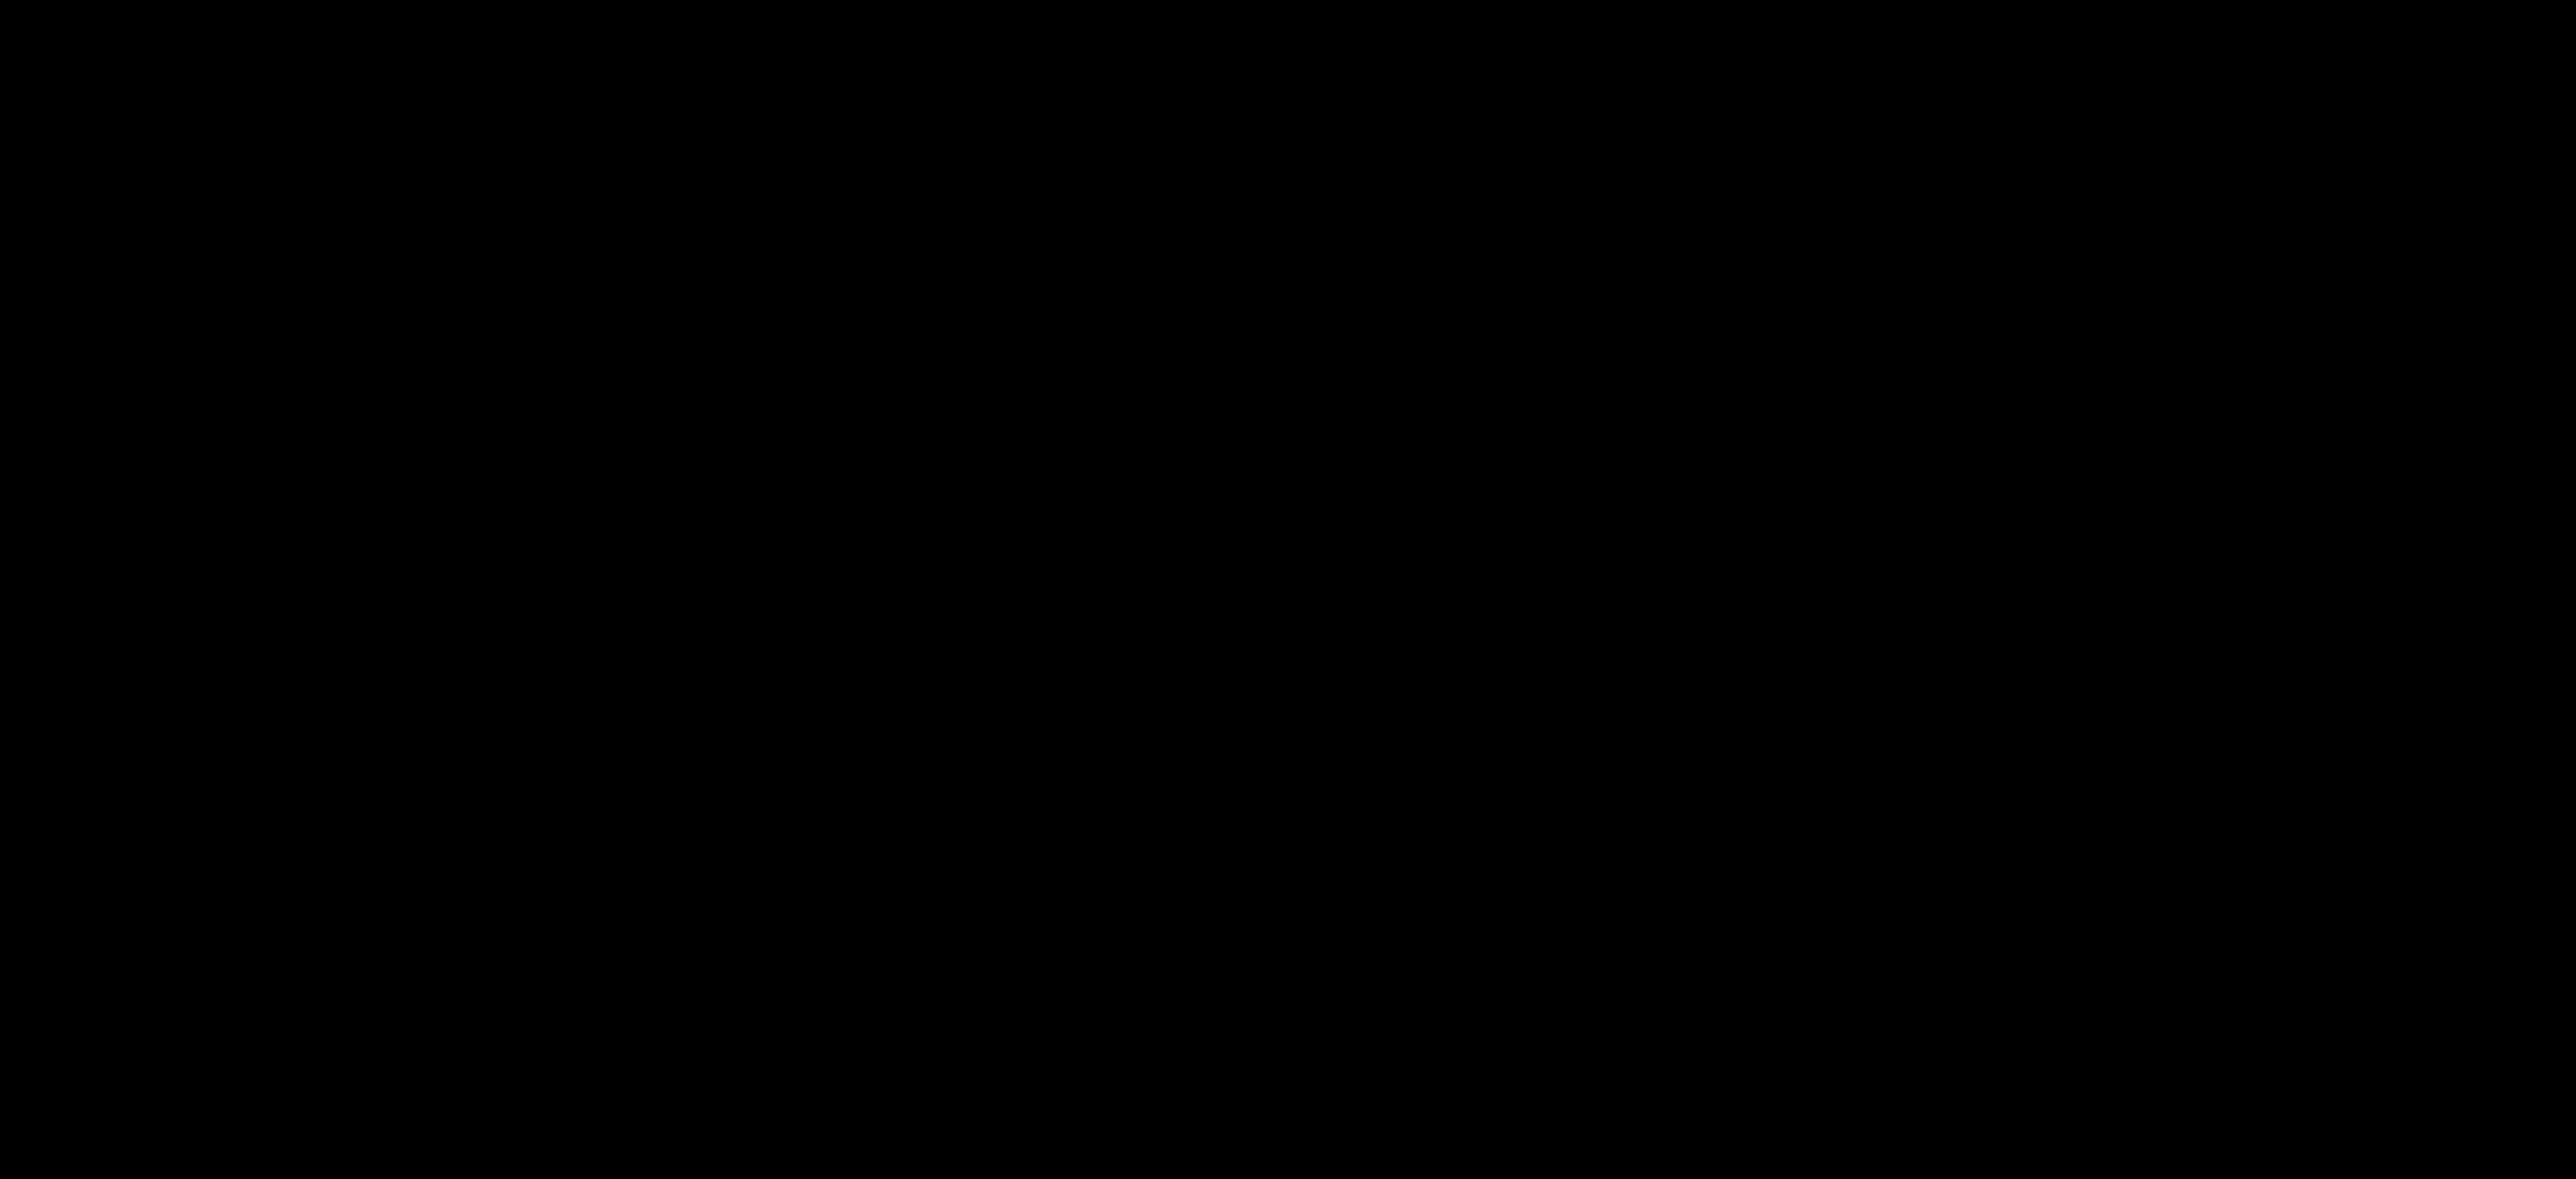 Screenshot 2021 09 08 at 21.10.07